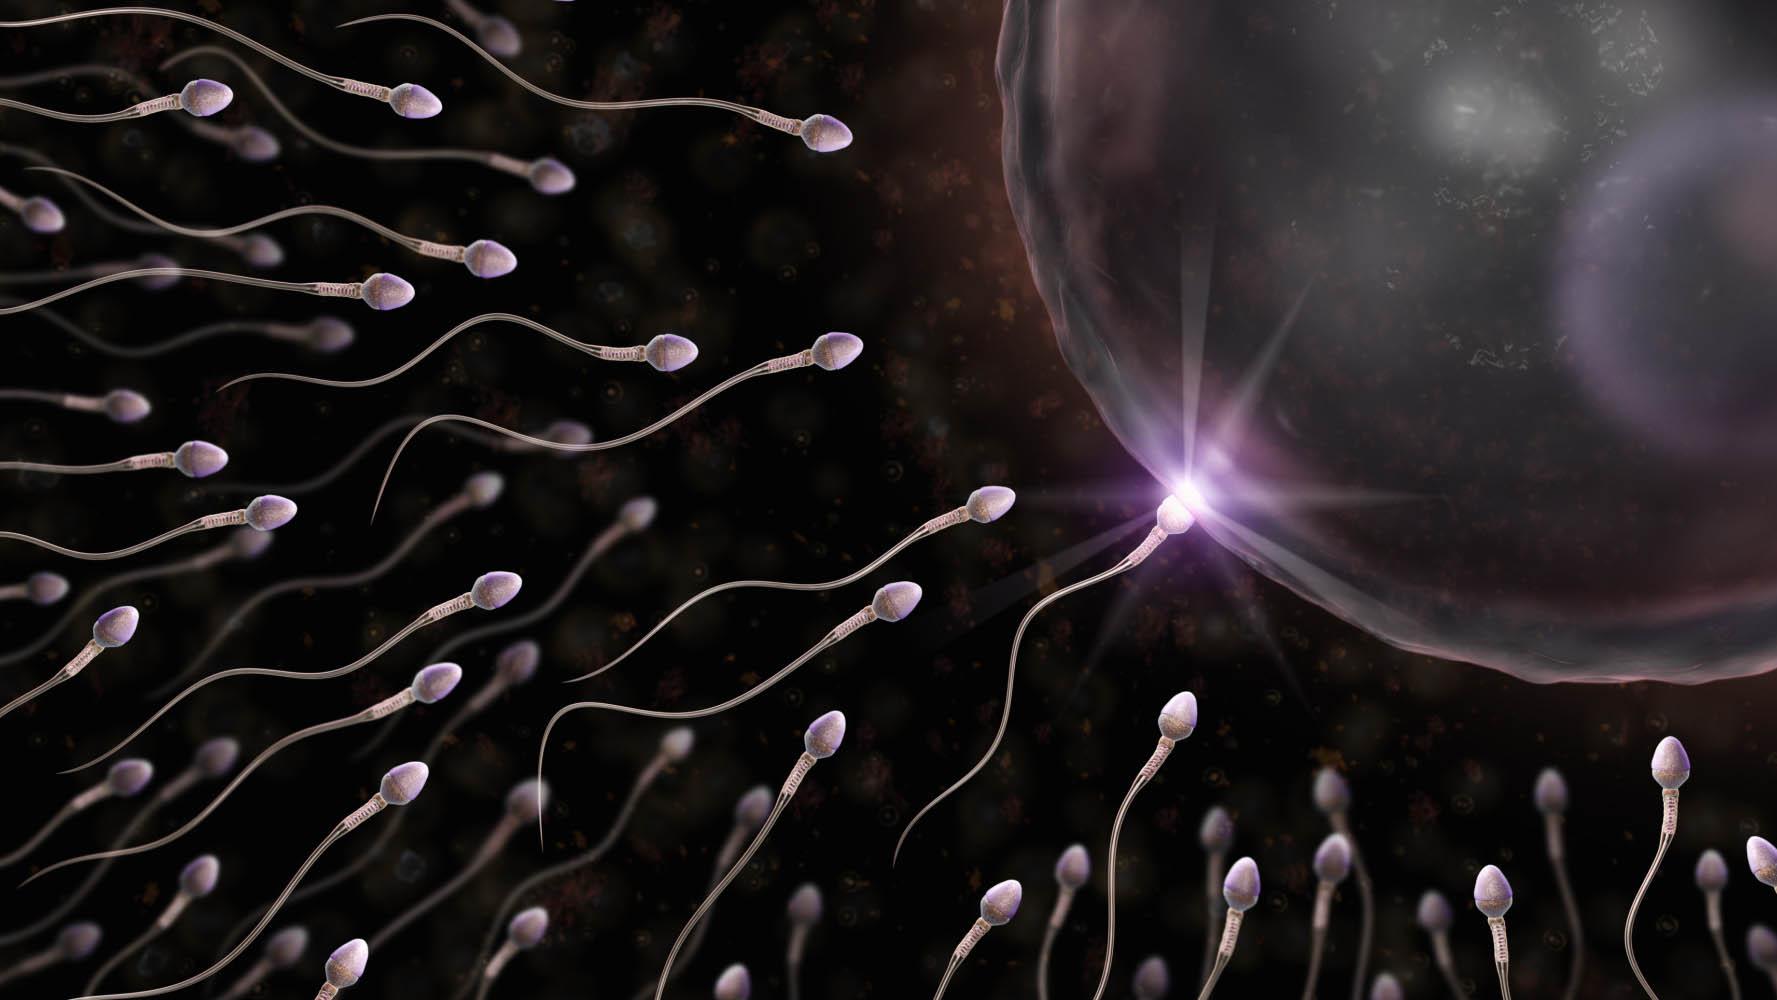 Un estudio comprobó que las células madre que producen los espermatozoides pueden ser extraídas y congeladas